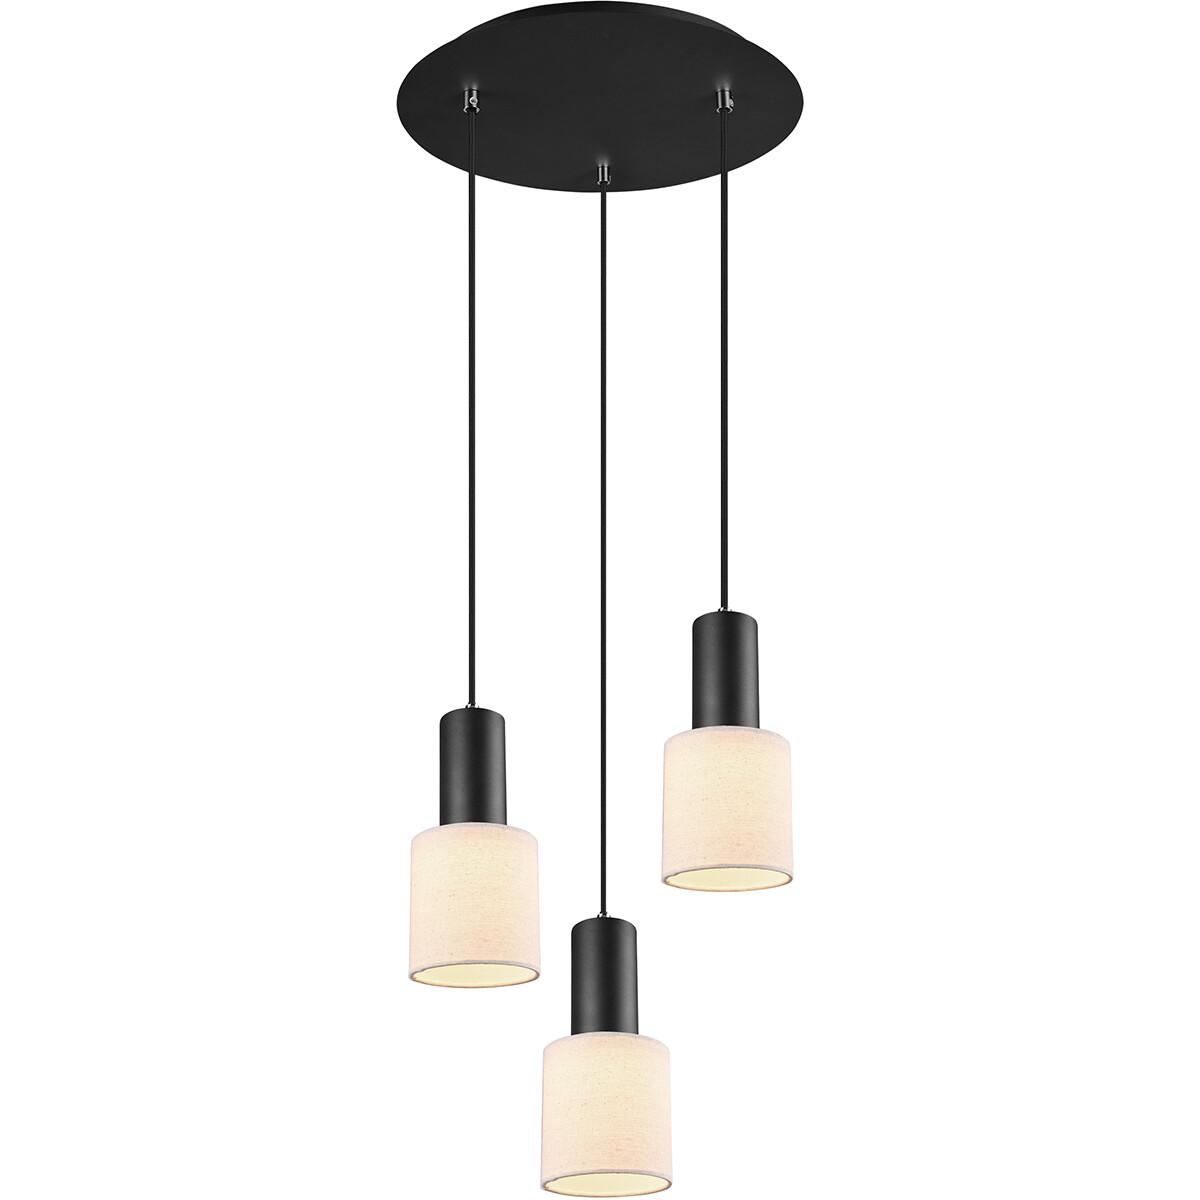 LED Hanglamp - Trion Waler - GU10 Fitting - 3-lichts - Rond - Mat Zwart - Aluminium